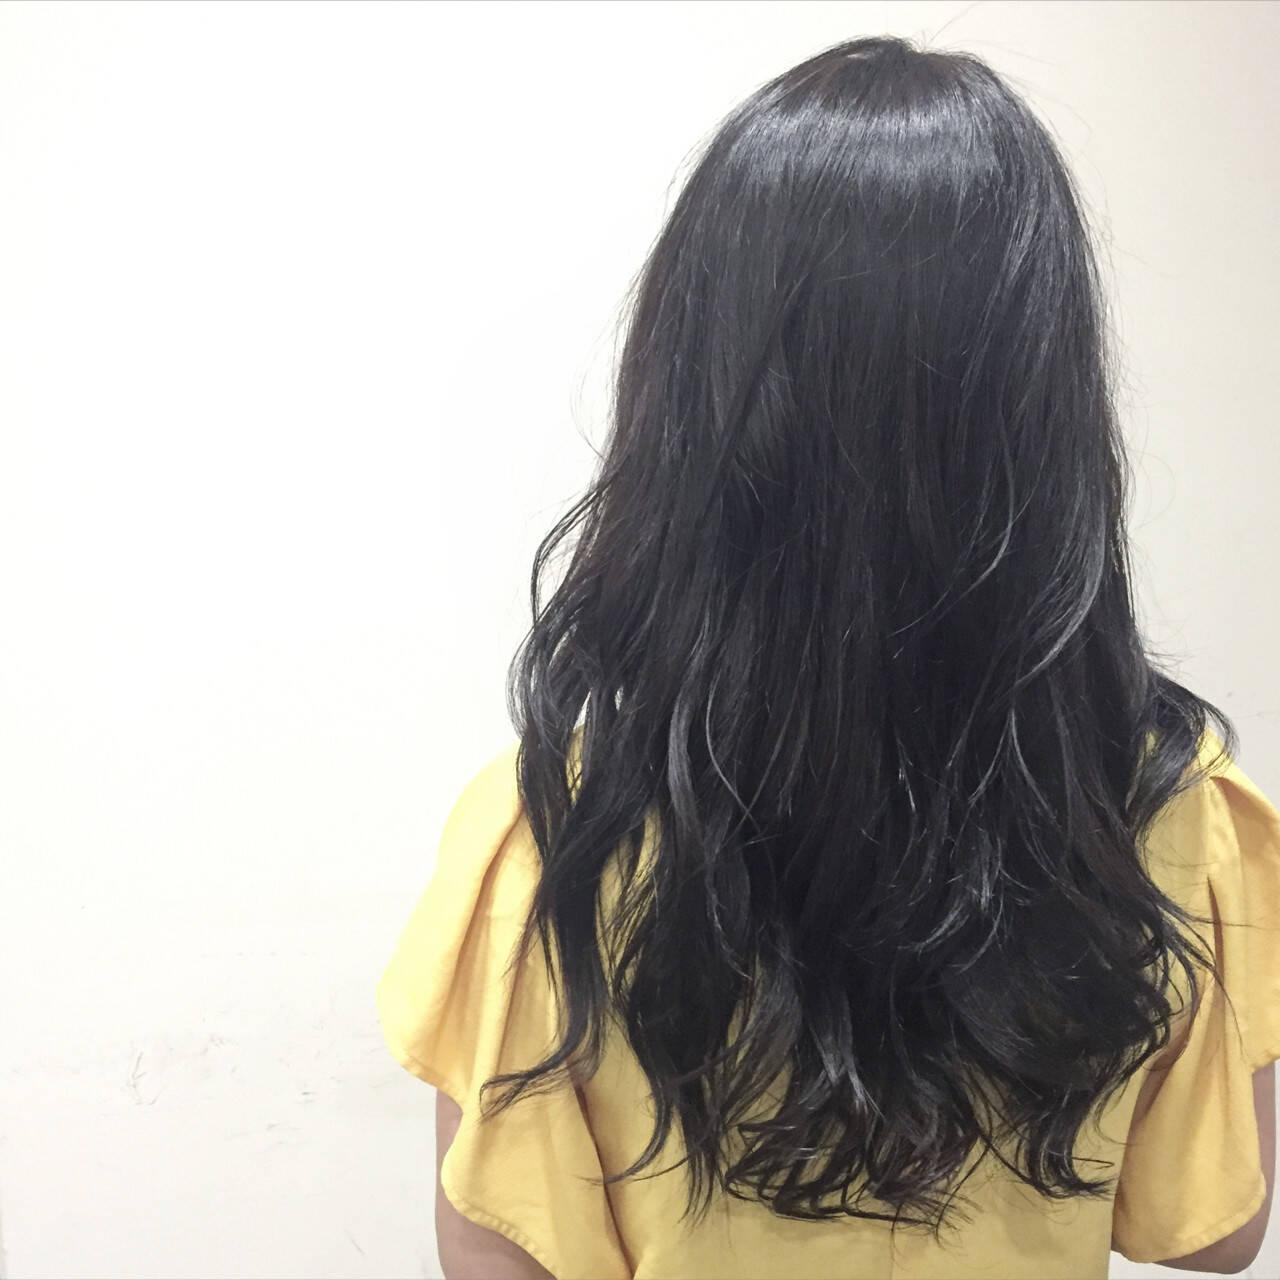 大人かわいい グレー 暗髪 アッシュヘアスタイルや髪型の写真・画像